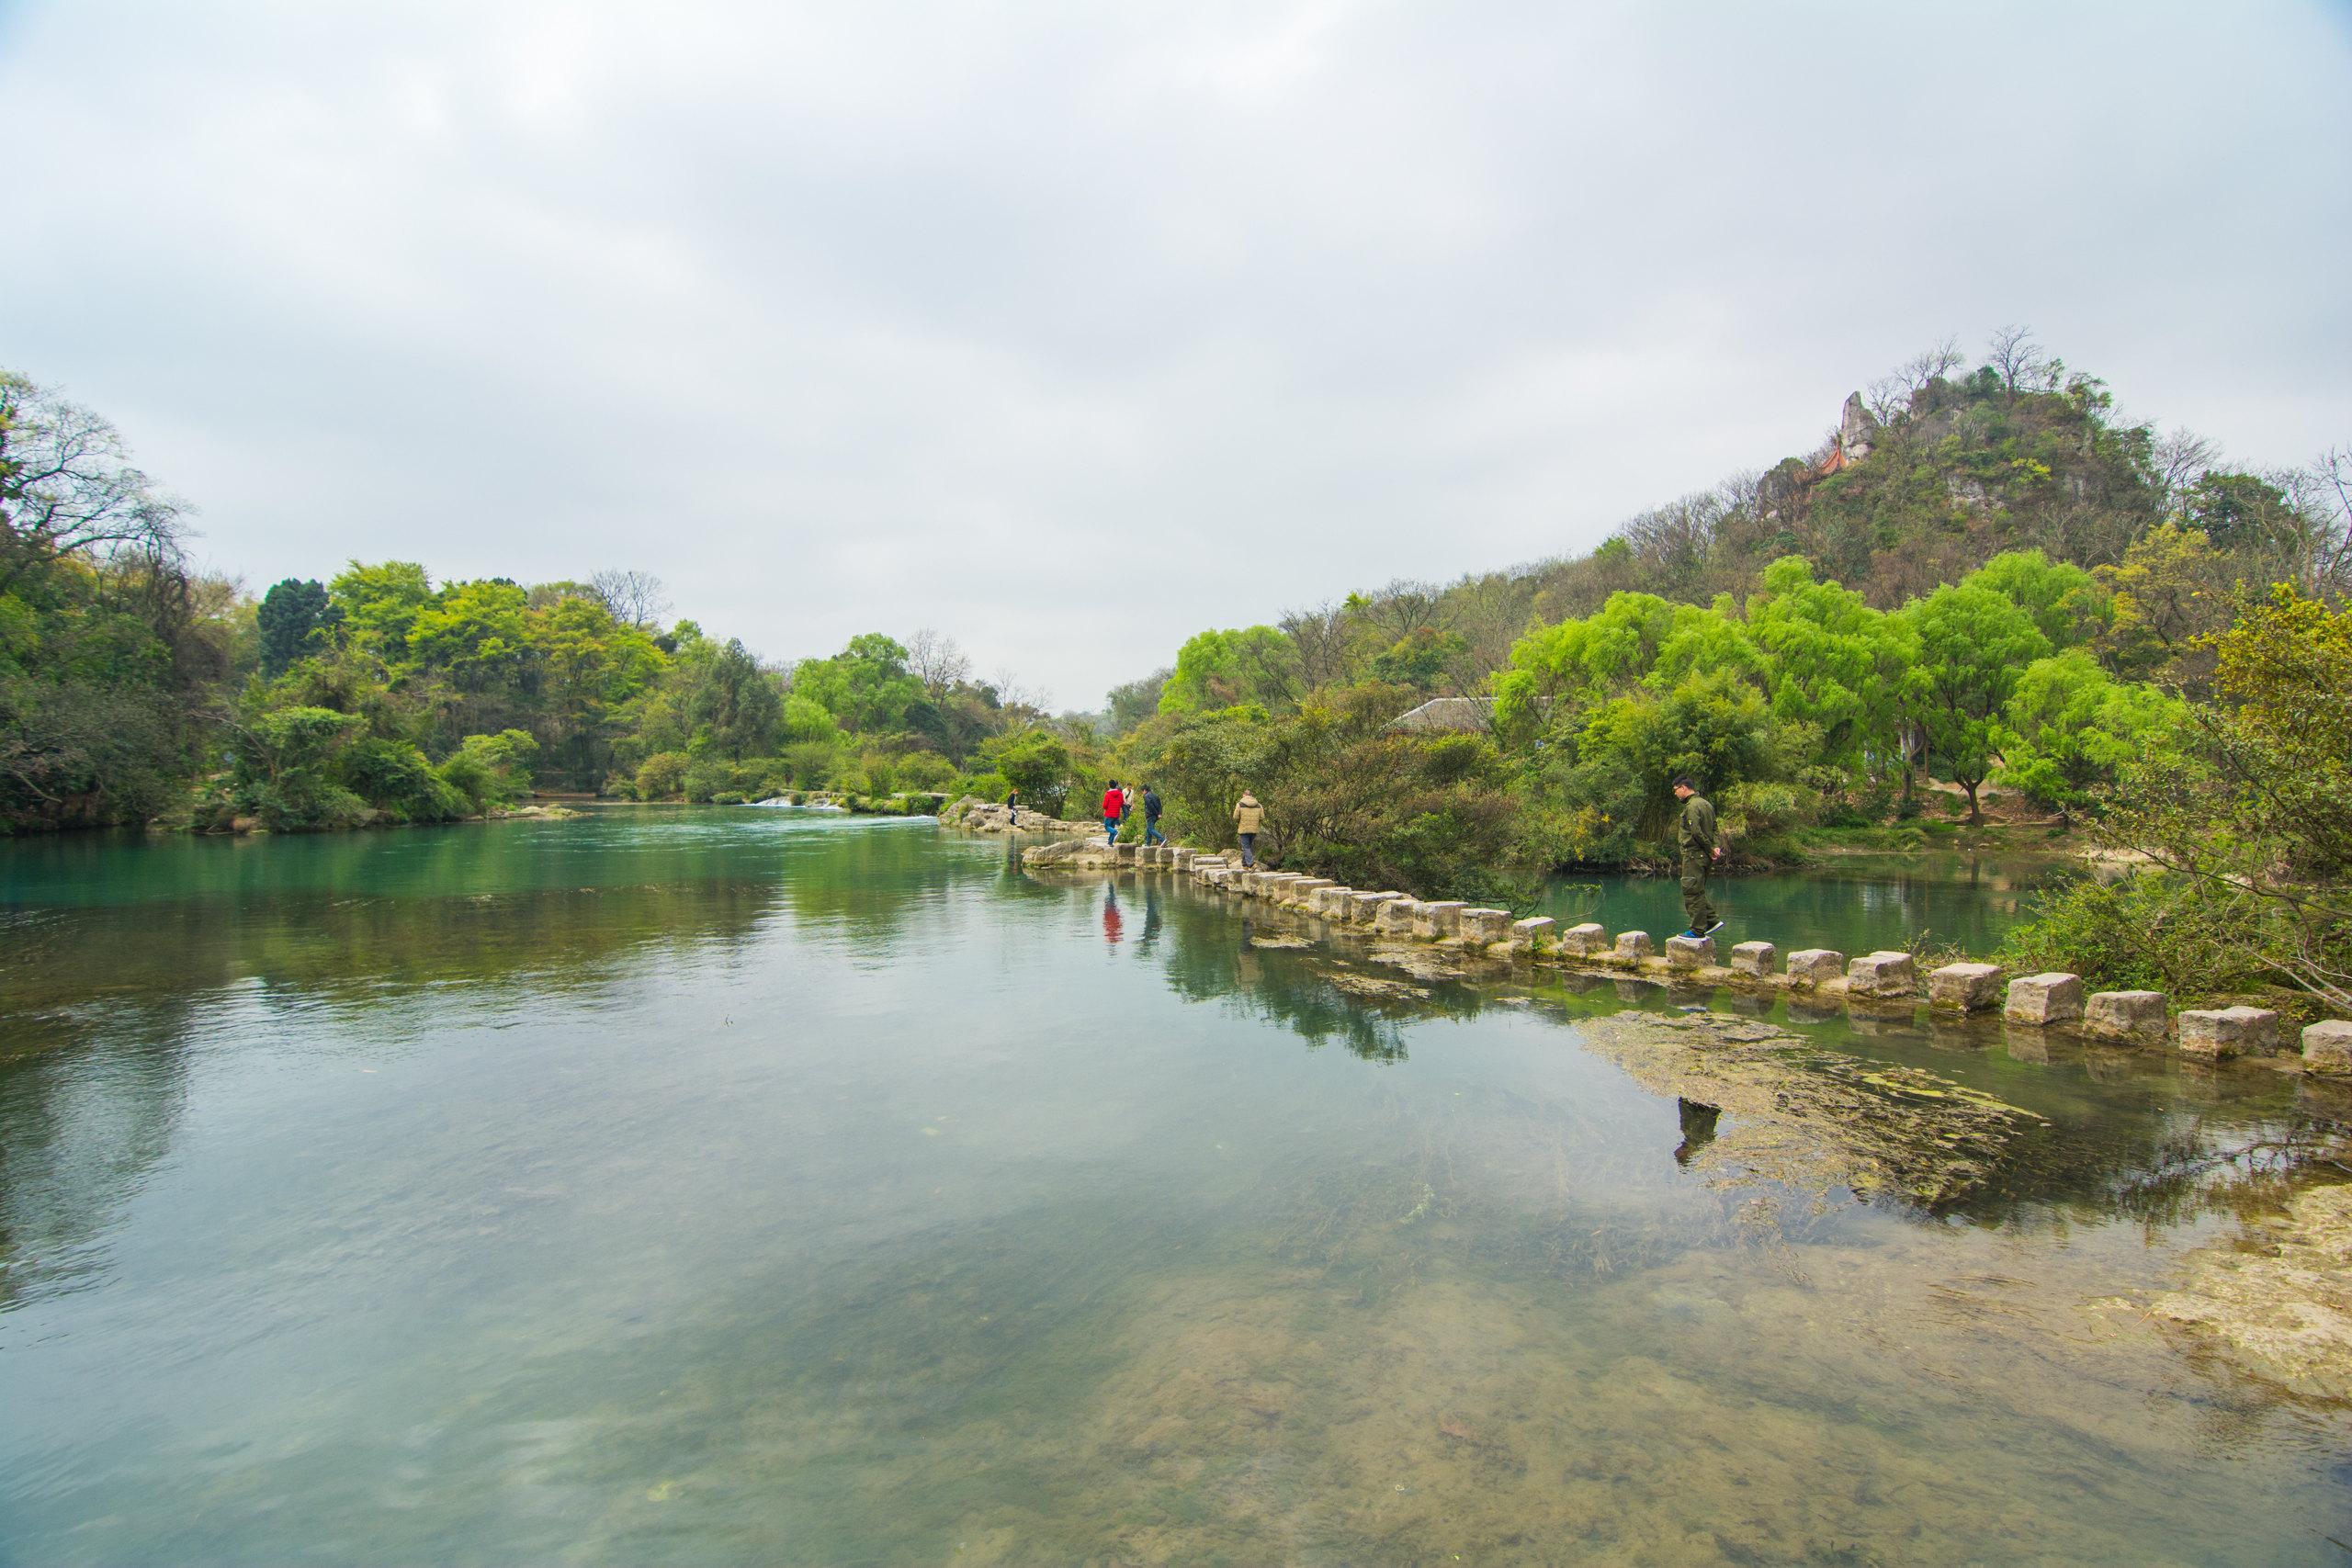 亮点 漫步花溪河畔欣赏山水风光,享受原生态的田园风情.